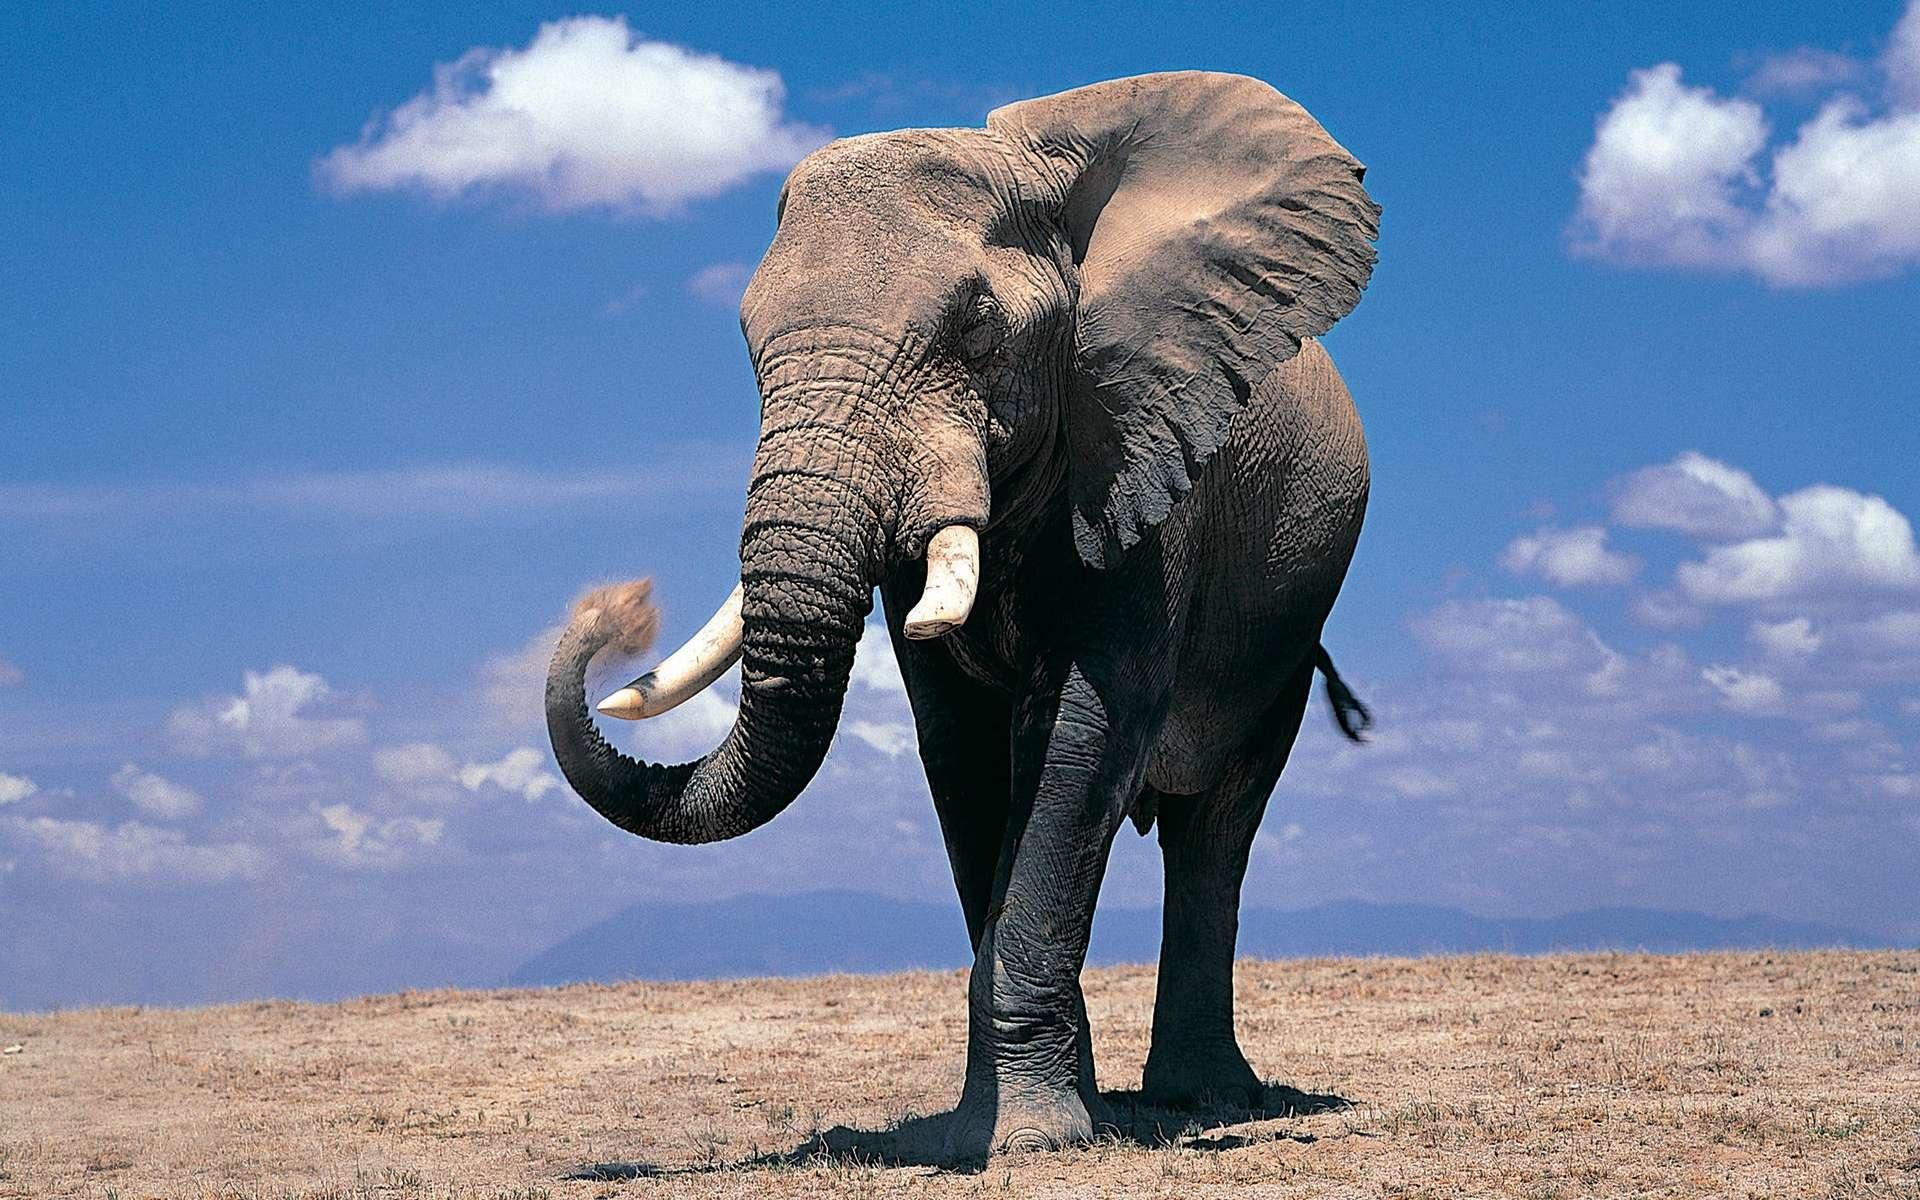 Fondos De Pantalla De Elefantes Wallpapers Hd Para Descargar Gratis